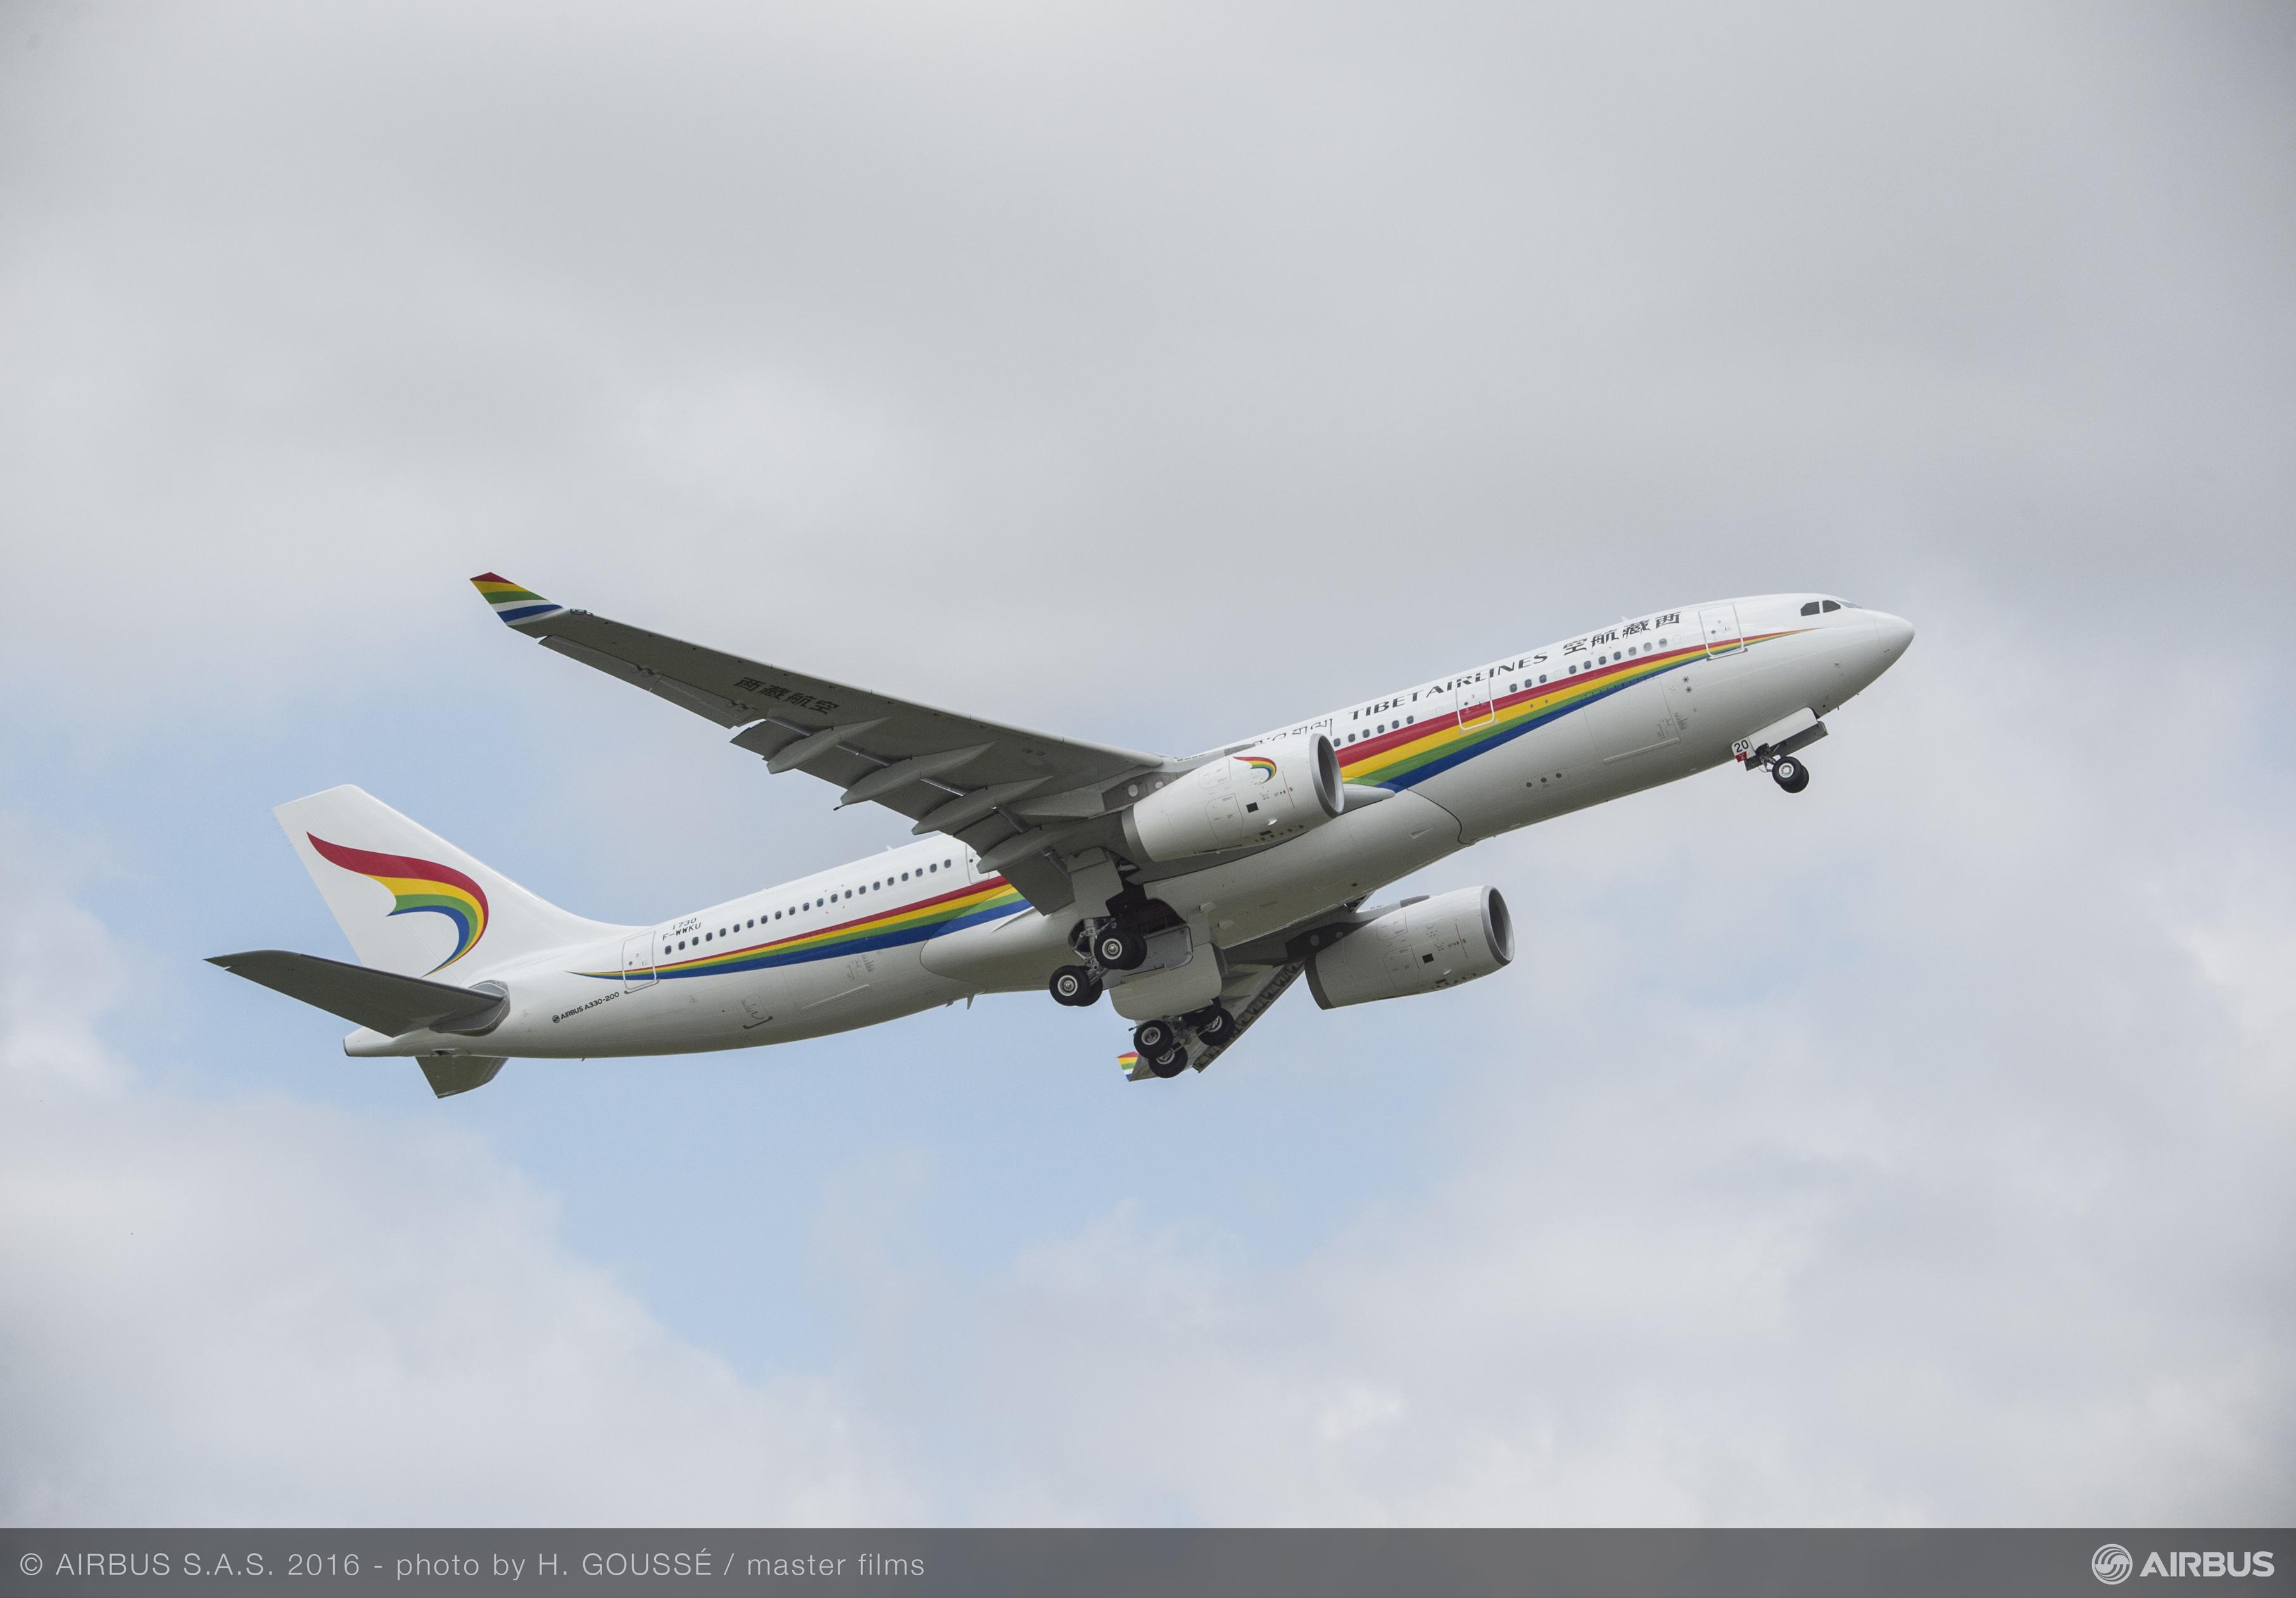 空客fhs支援西藏航空a330机队